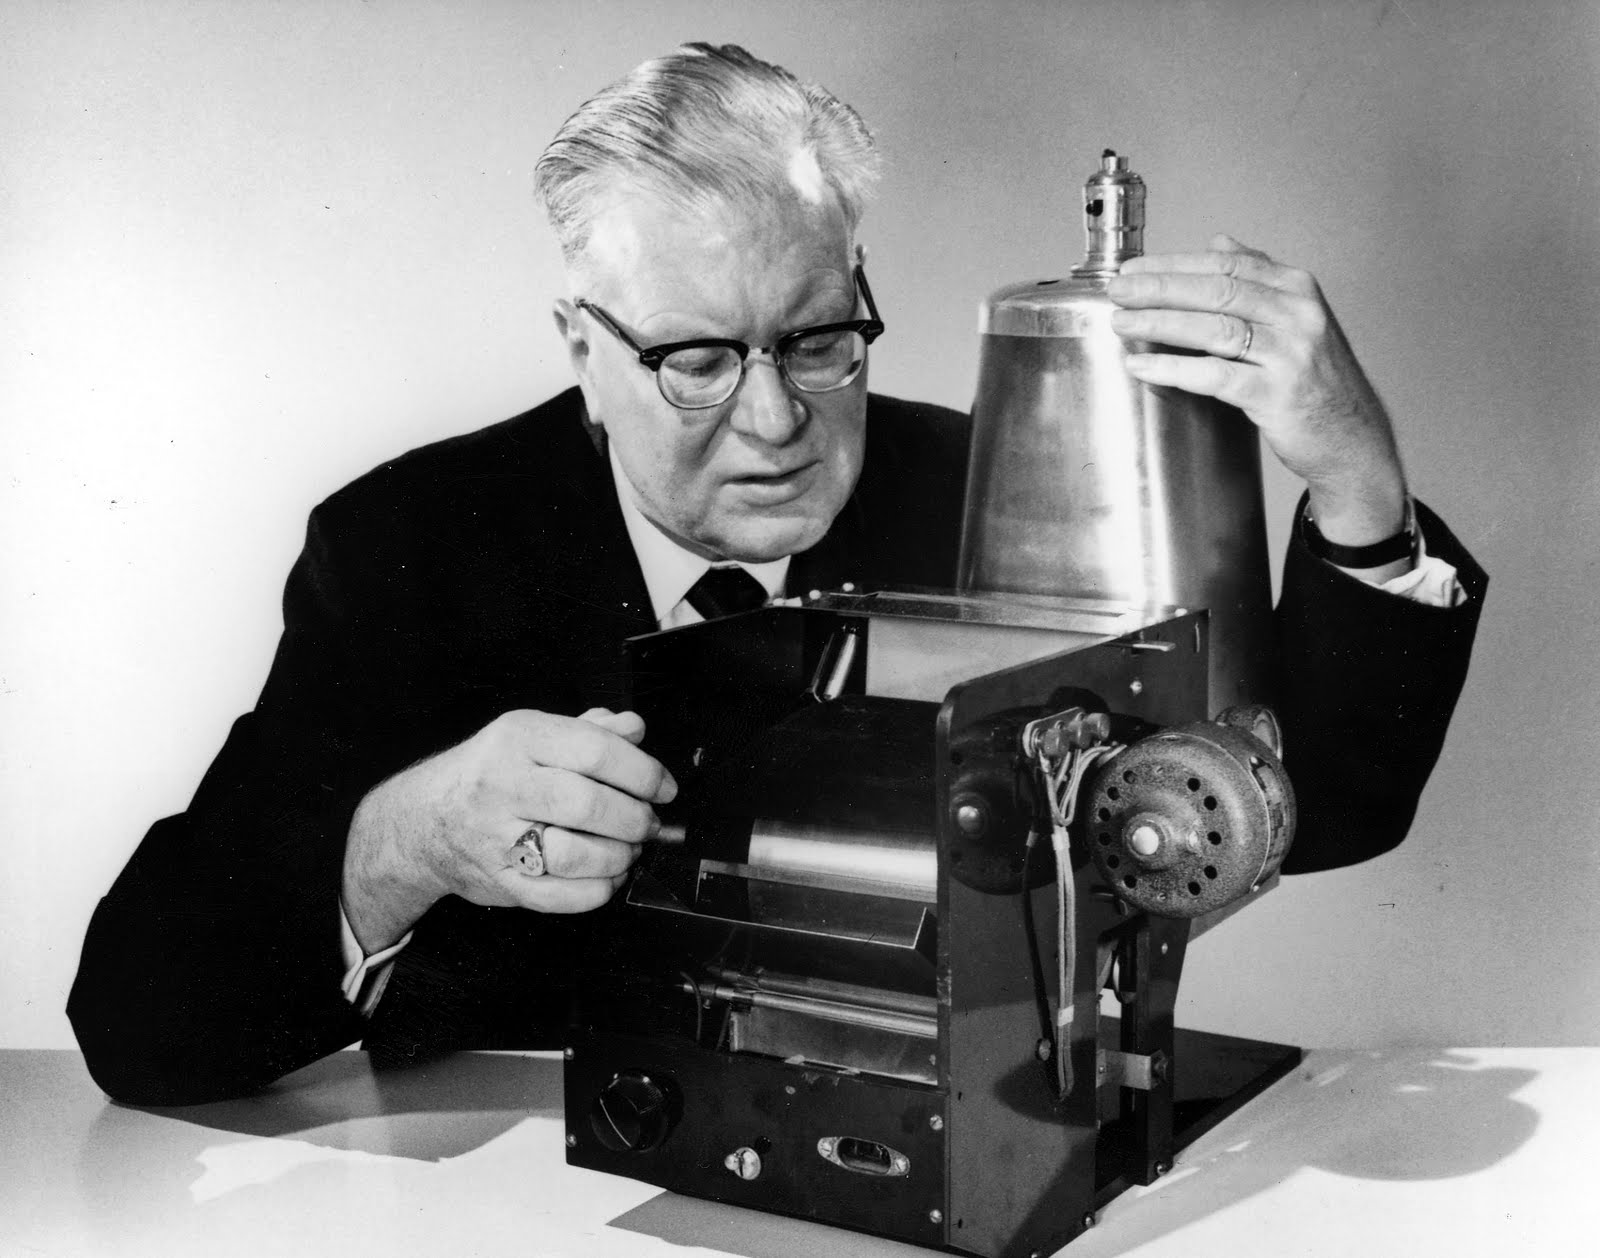 Penemu Mesin Fotocopy Dan Sejarah Singkat Penemuannya